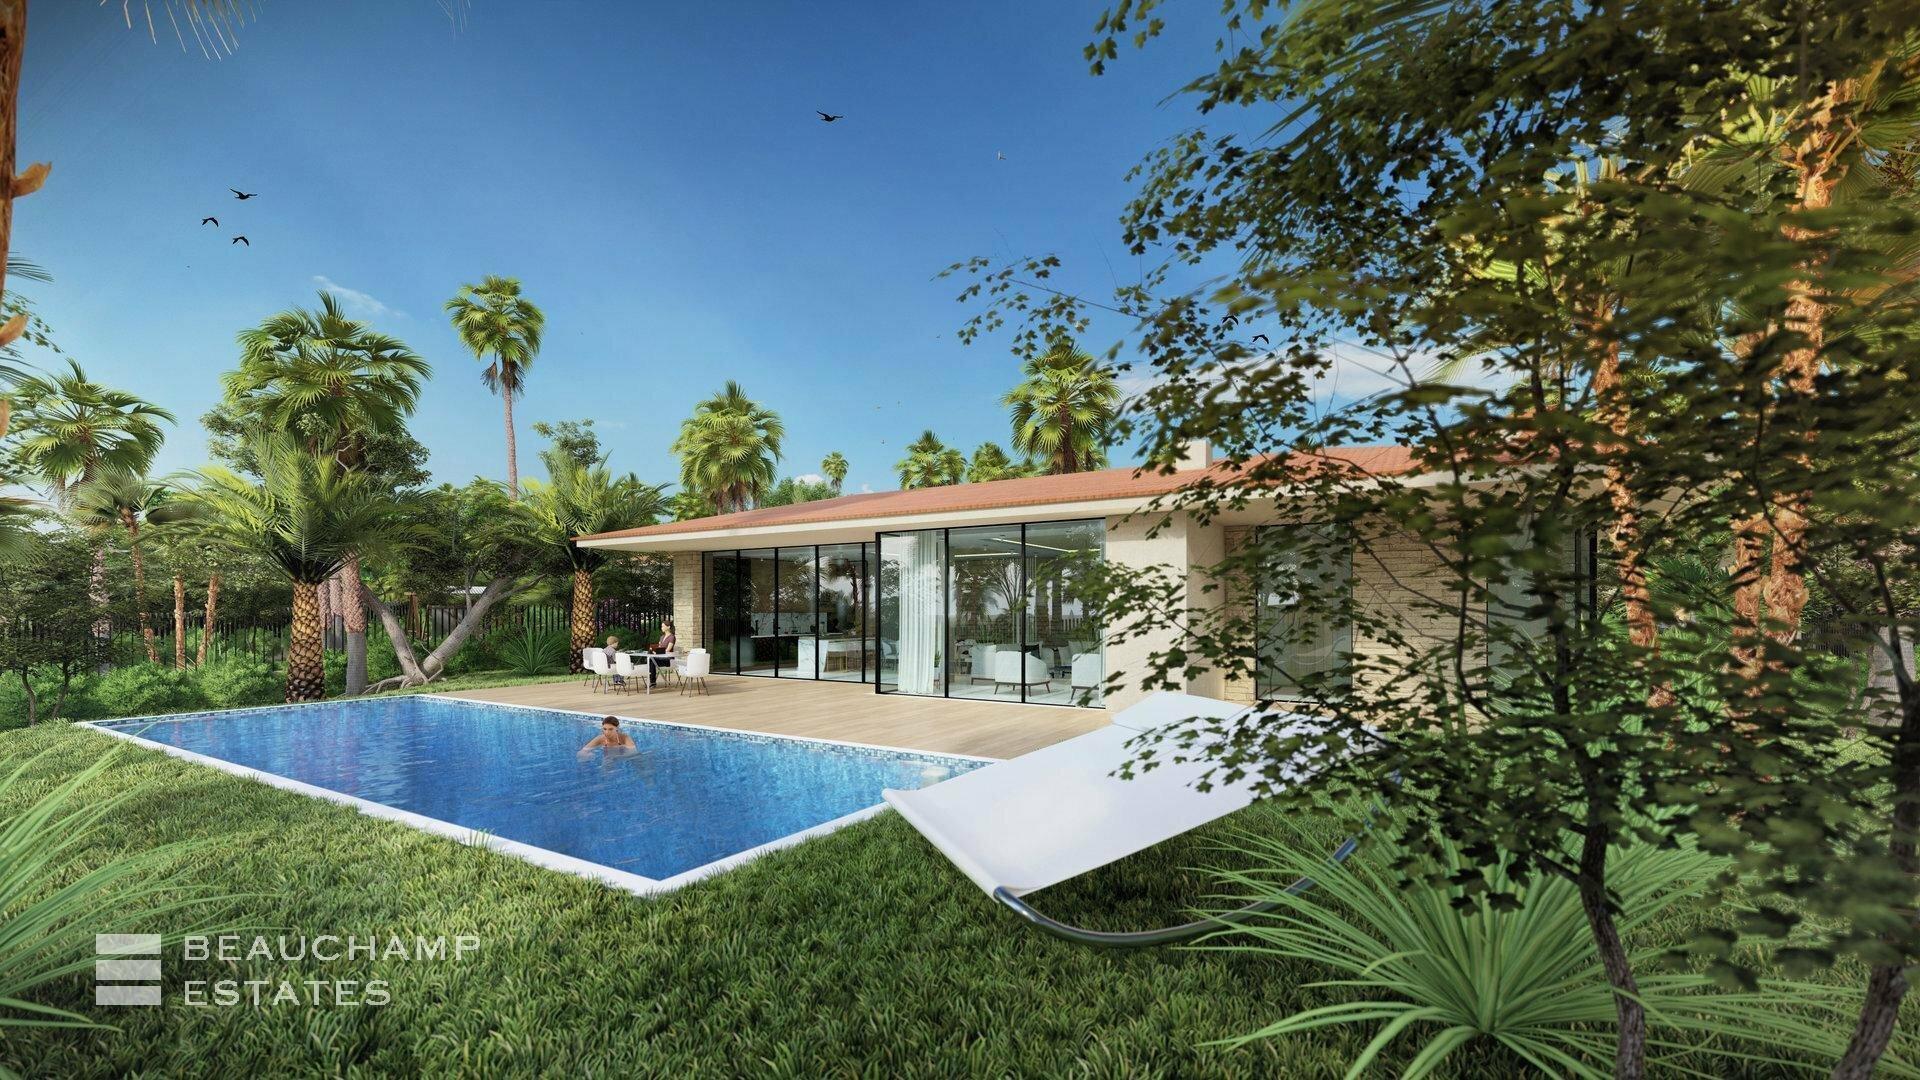 Villa in Sainte-Maxime, Provence-Alpes-Côte d'Azur, France 1